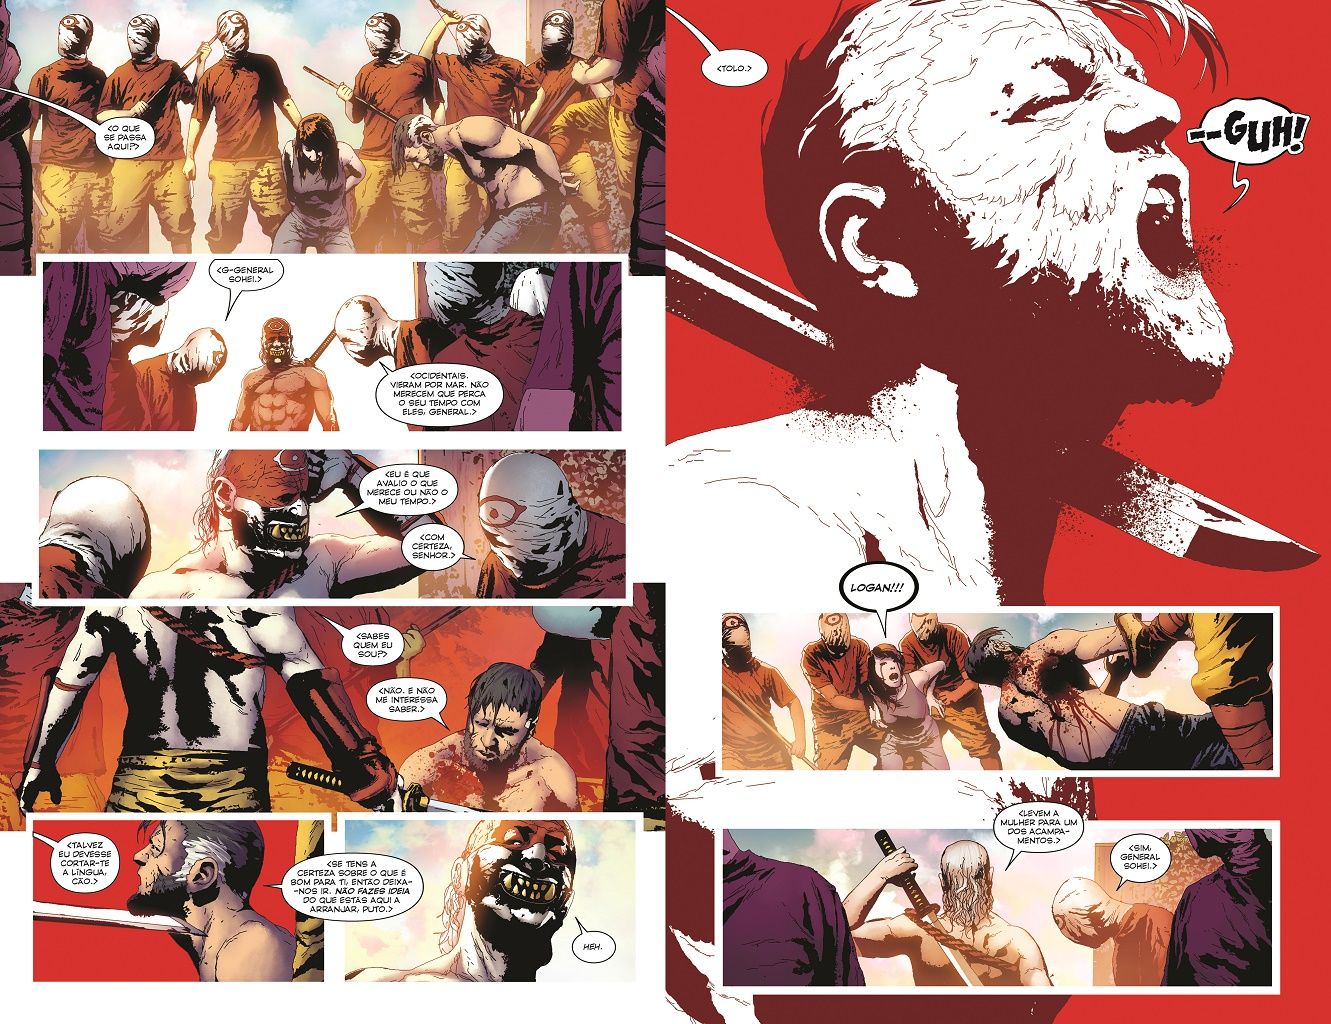 X-Men #4 (Série II) Páginas 120-121